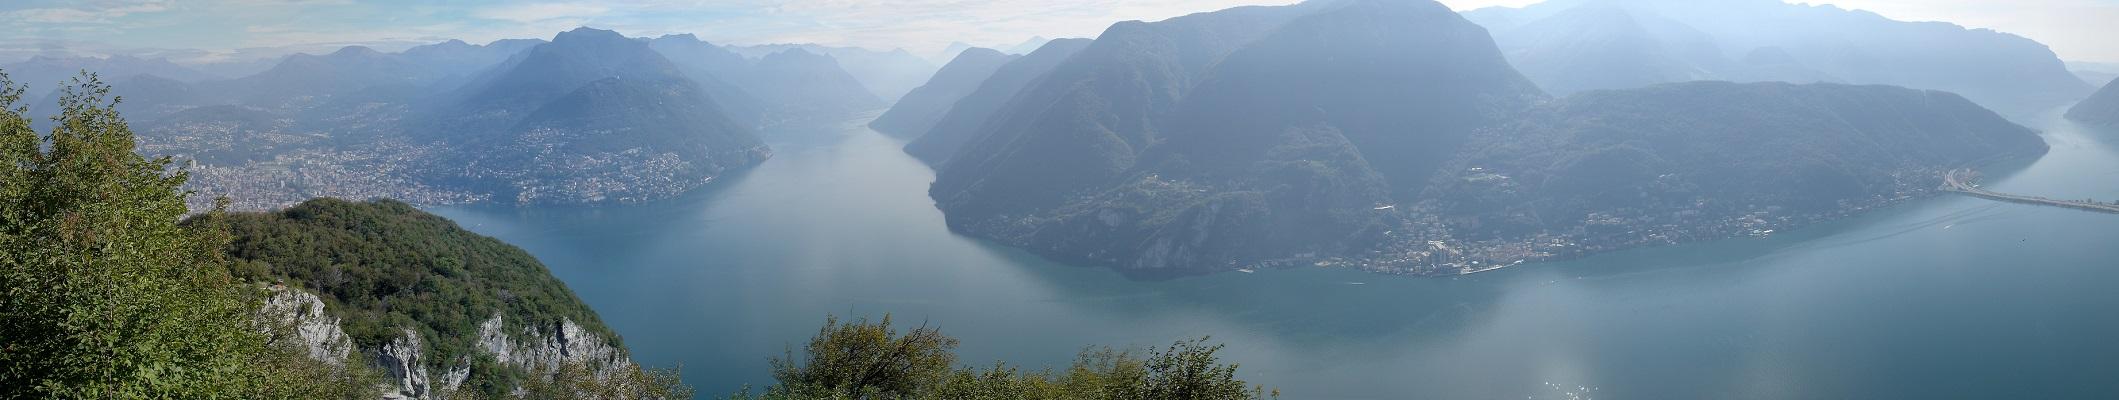 Панорама озеро Лугано